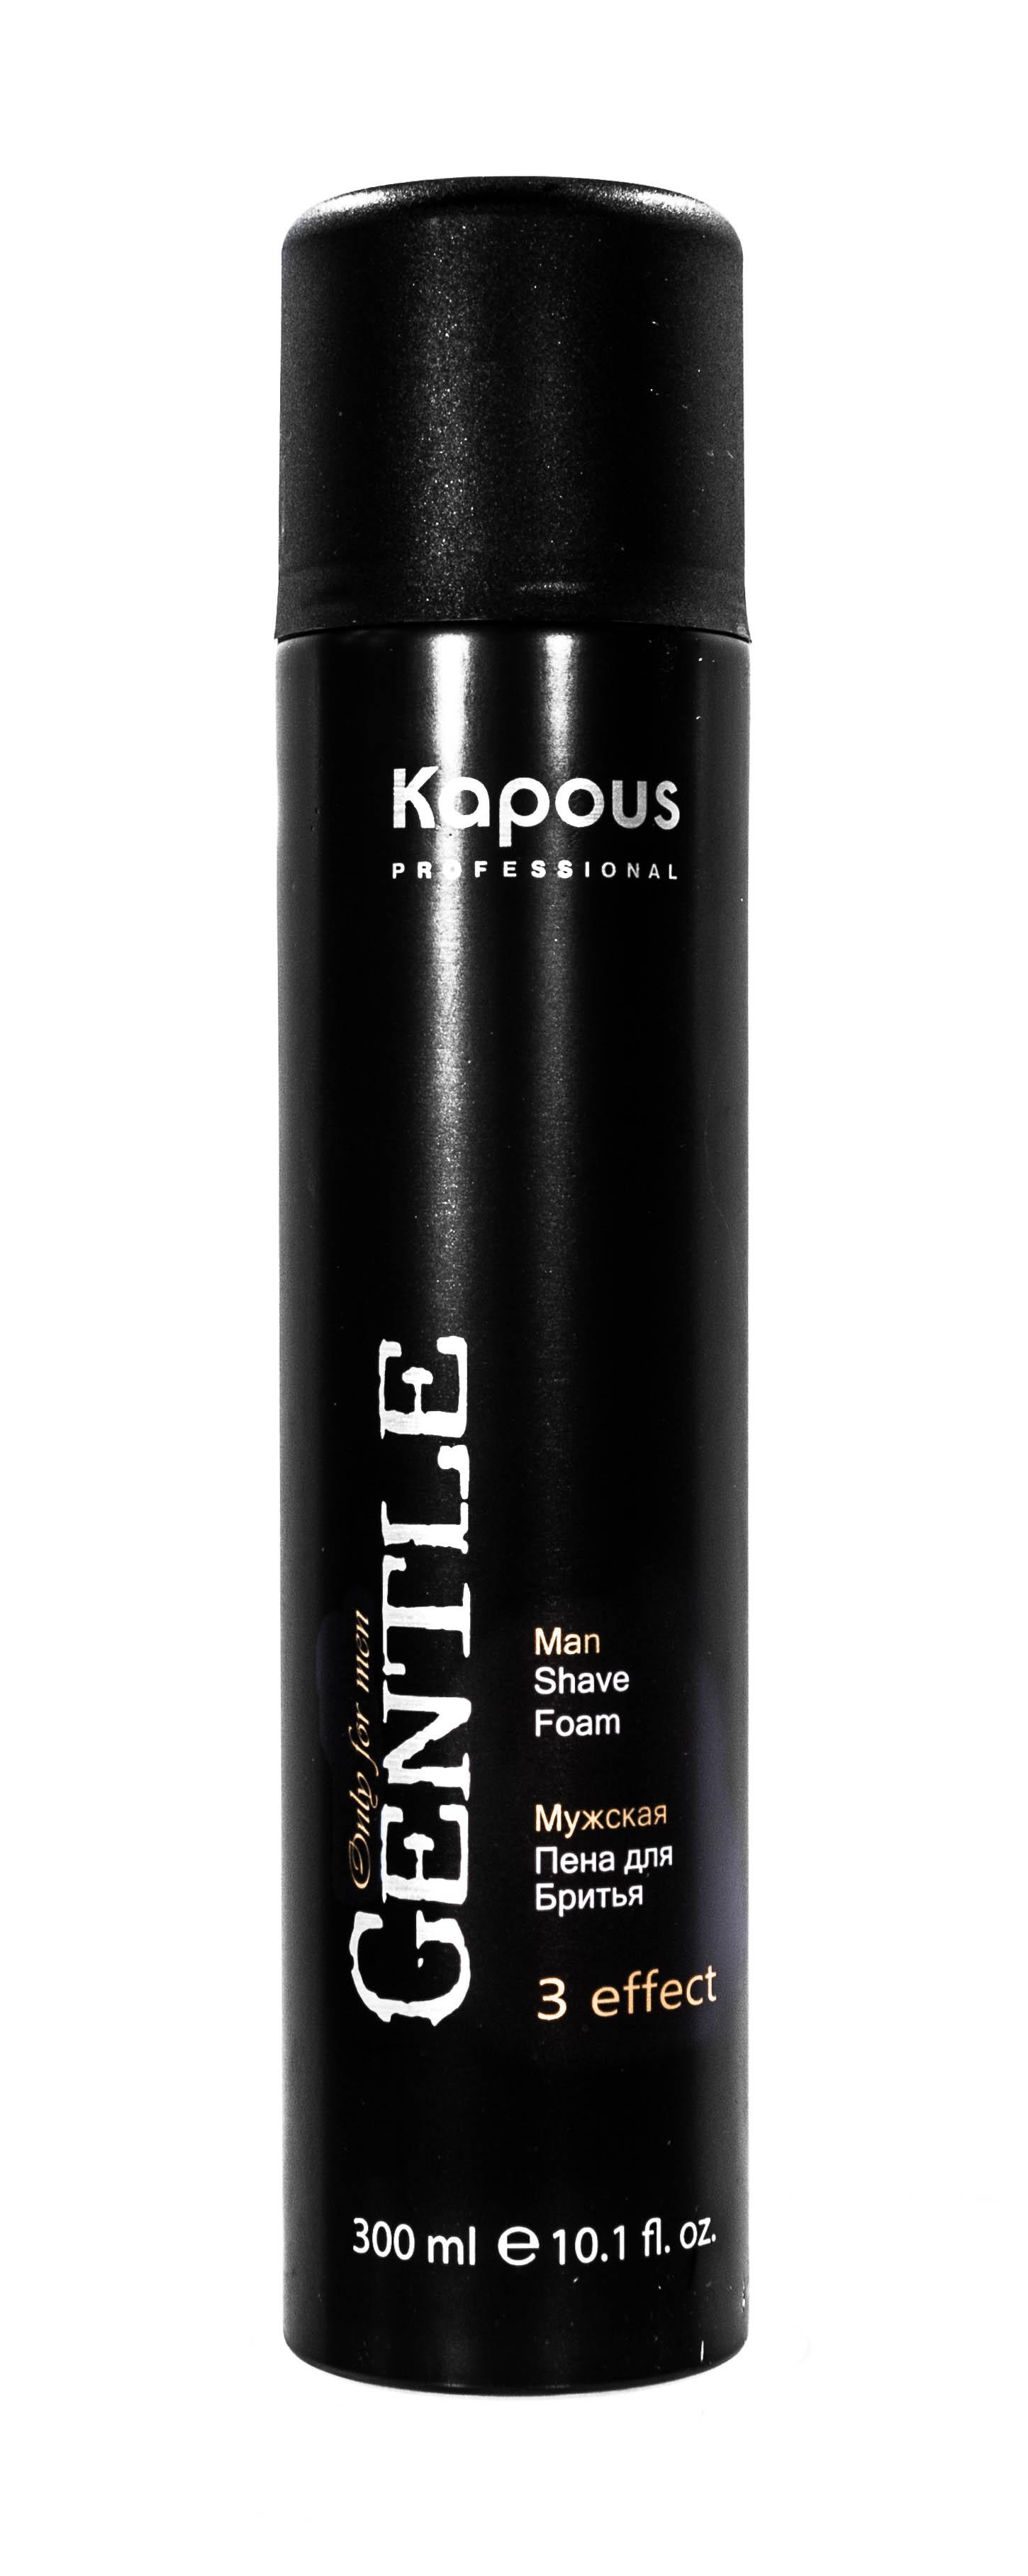 Пена для бритья 3 effect 300 мл (Kapous Professional) недорого